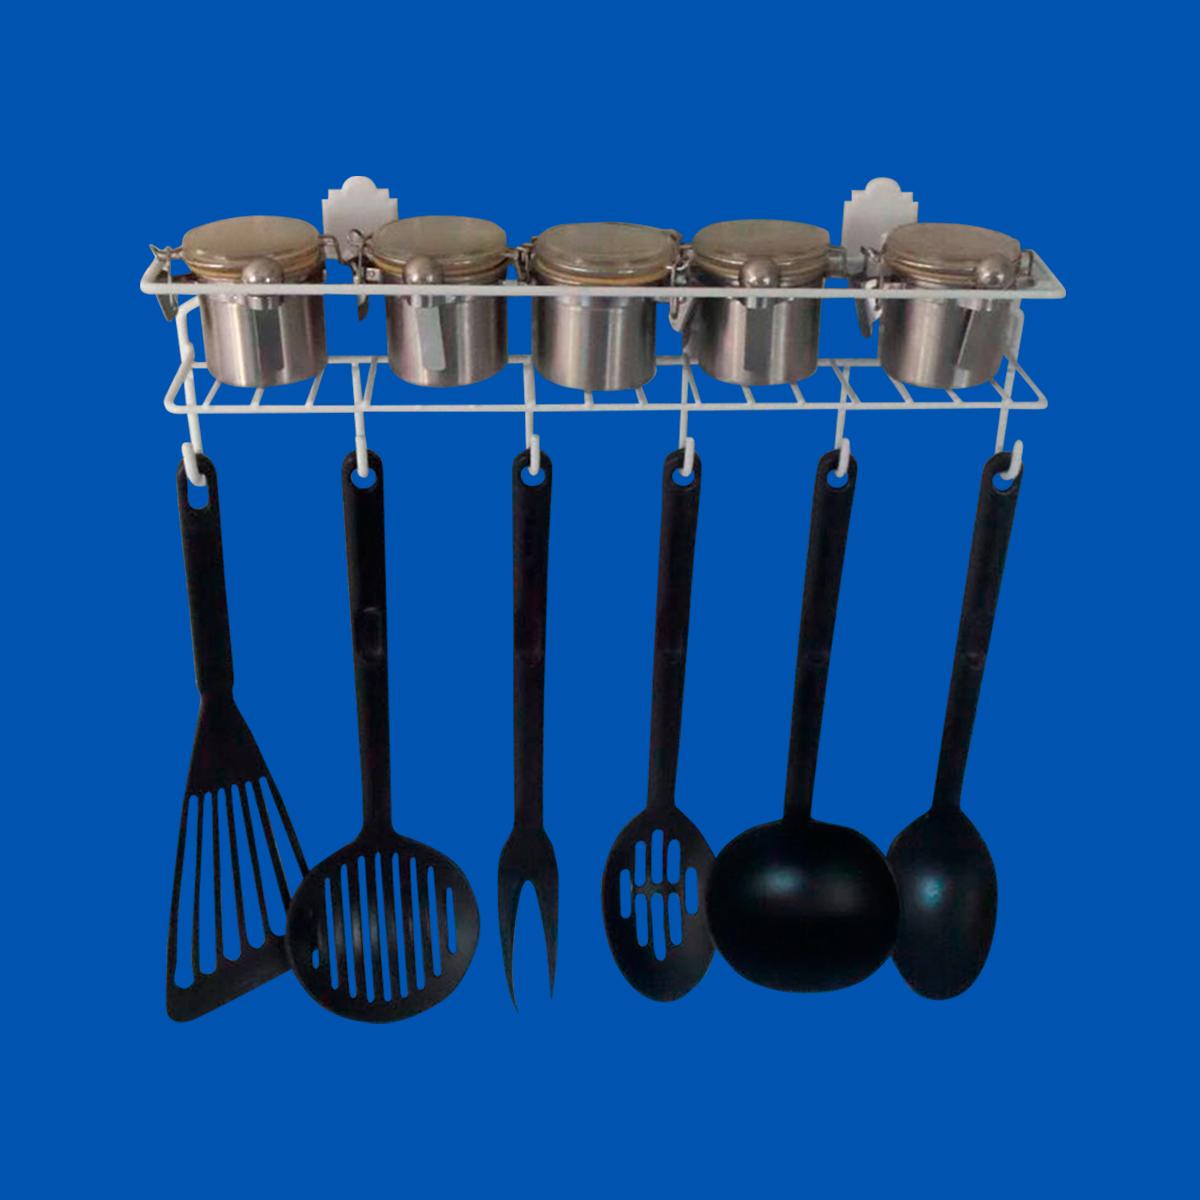 luvamark-repisa-porta-especieros-utensilio-cocina-5027